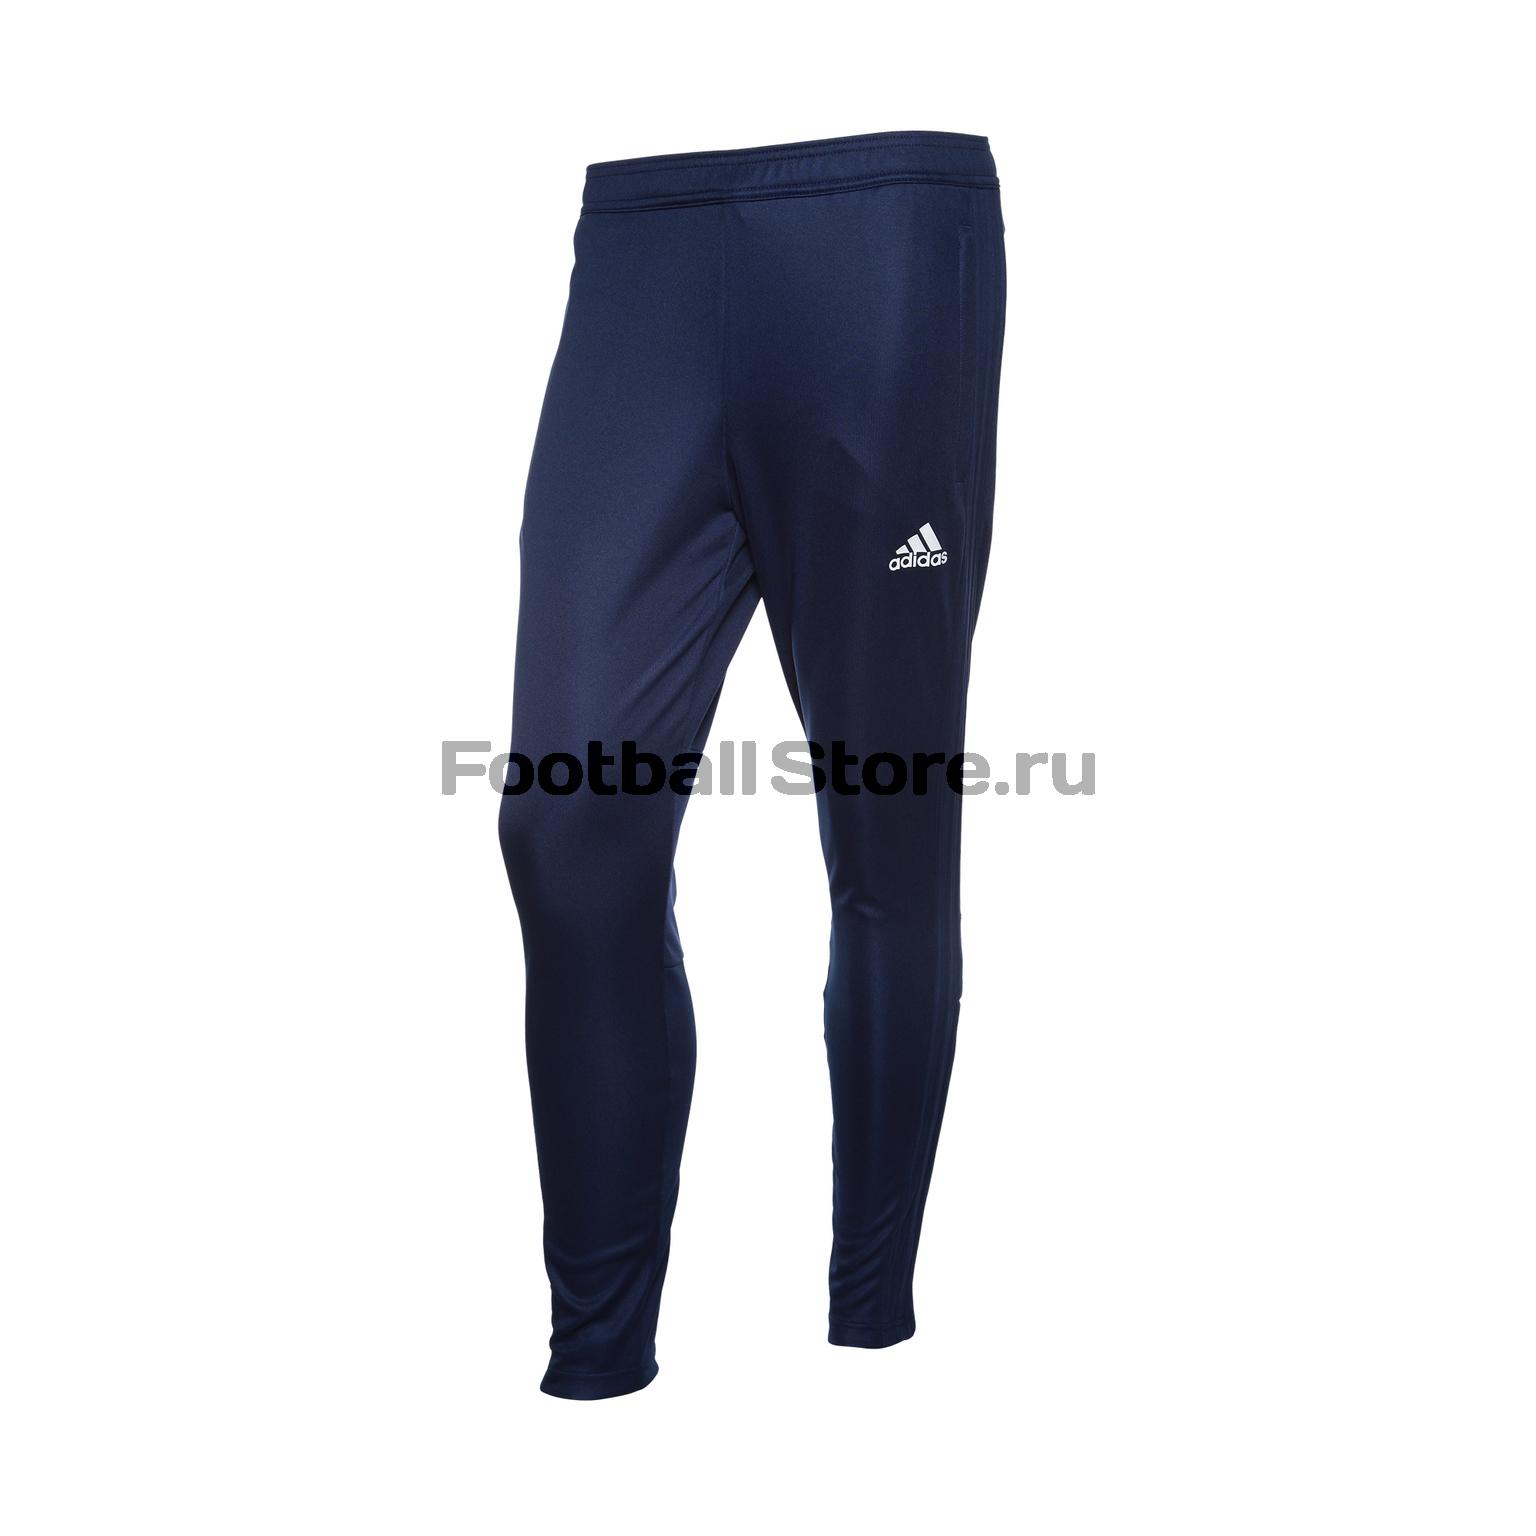 Брюки Adidas Con18 TR Pnt CV8243 спортивные штаны мужские adidas regi18 tr pnt цвет черный cz8657 размер xl 56 58